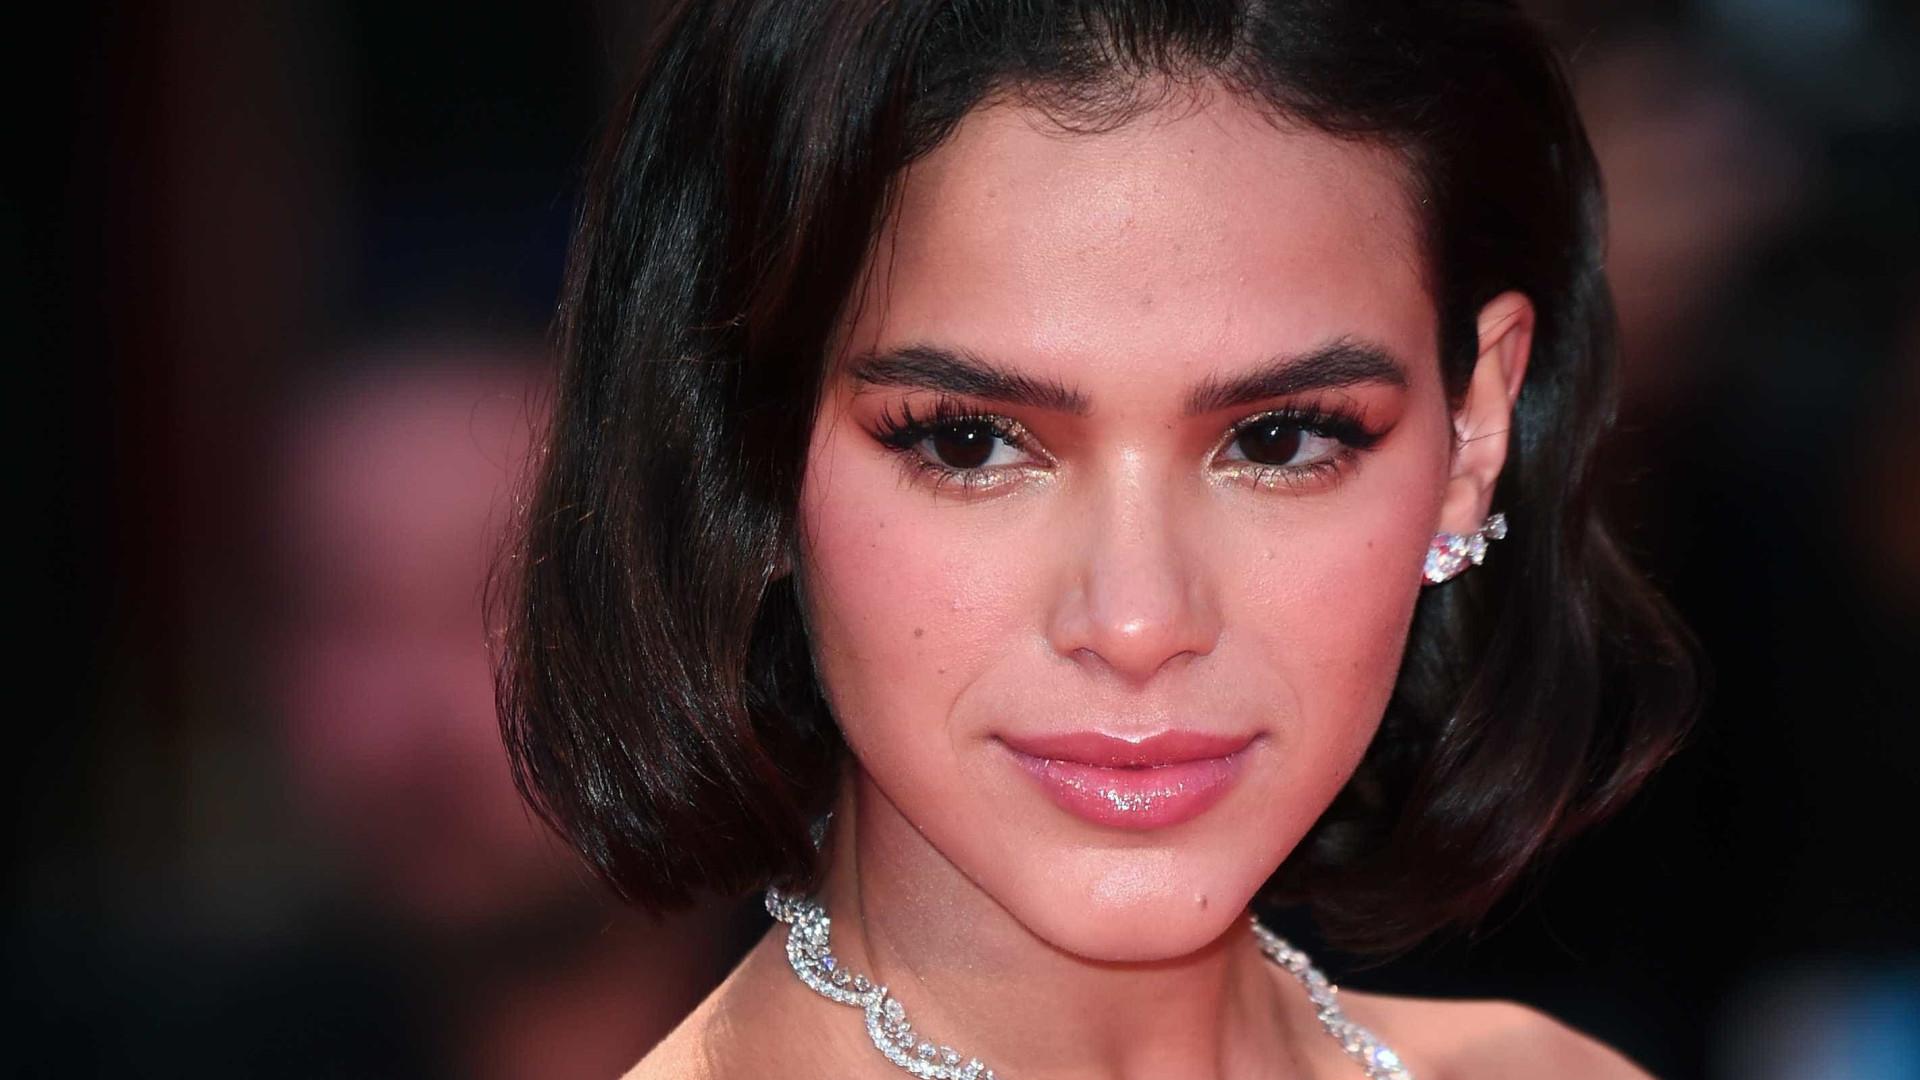 Marquezine nega envolvimento amoroso com modelo carioca